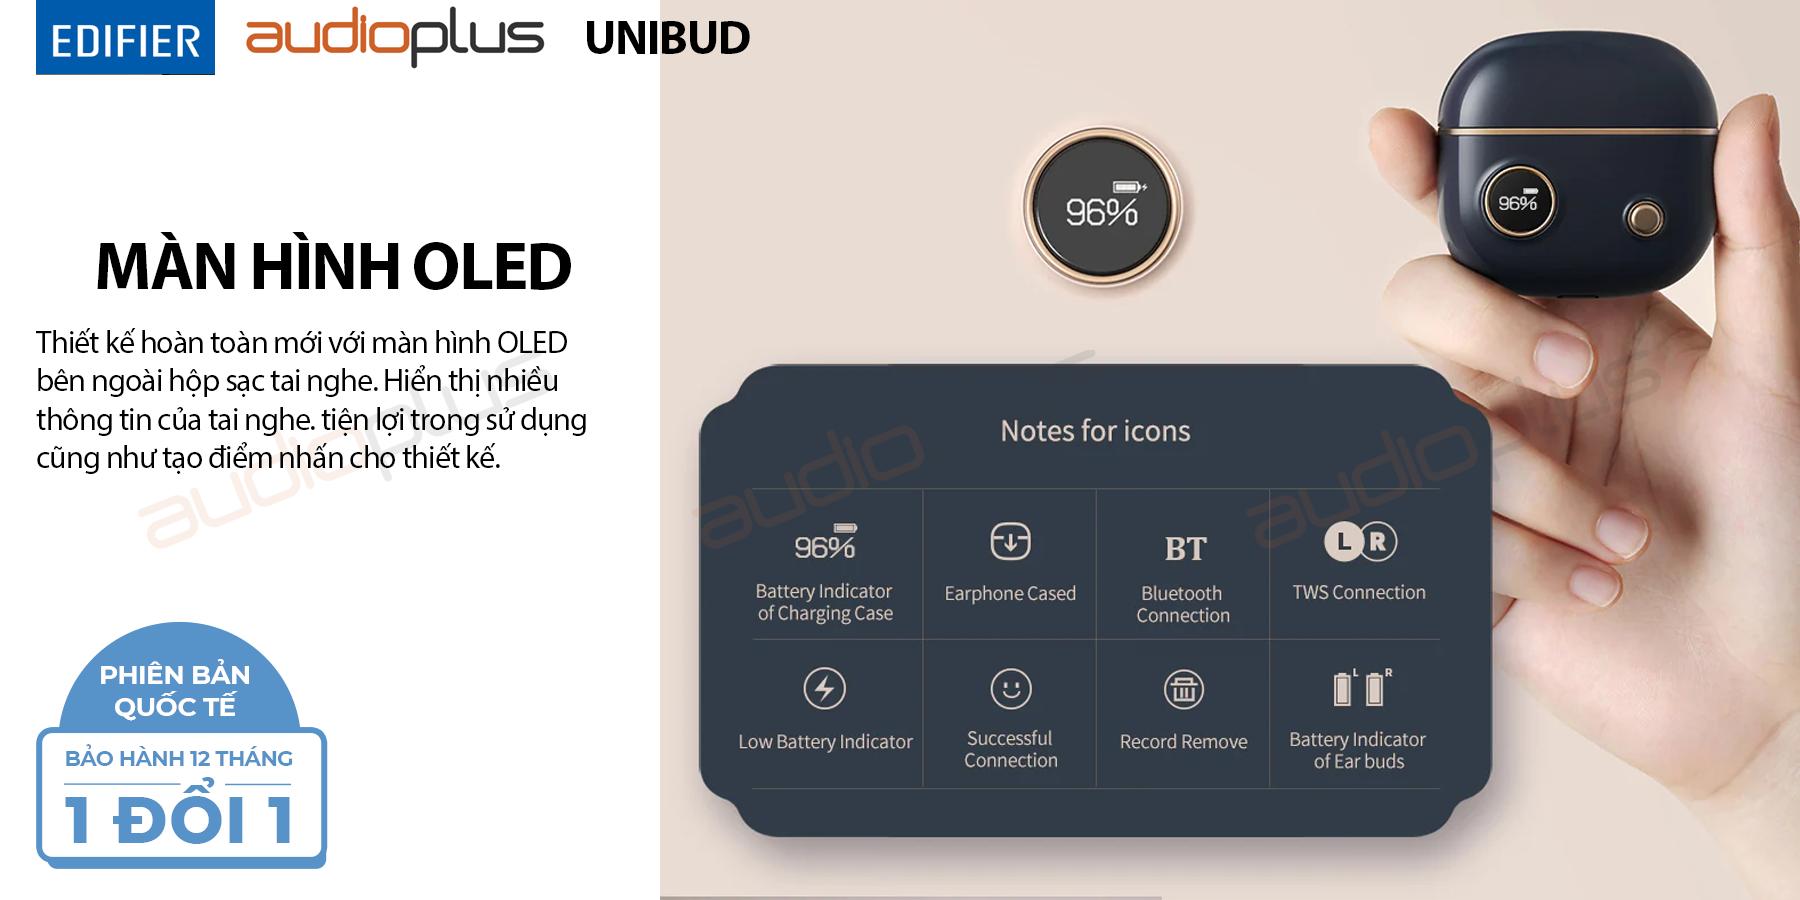 Edifier unibud màn hình oled thiết kế cổ điển